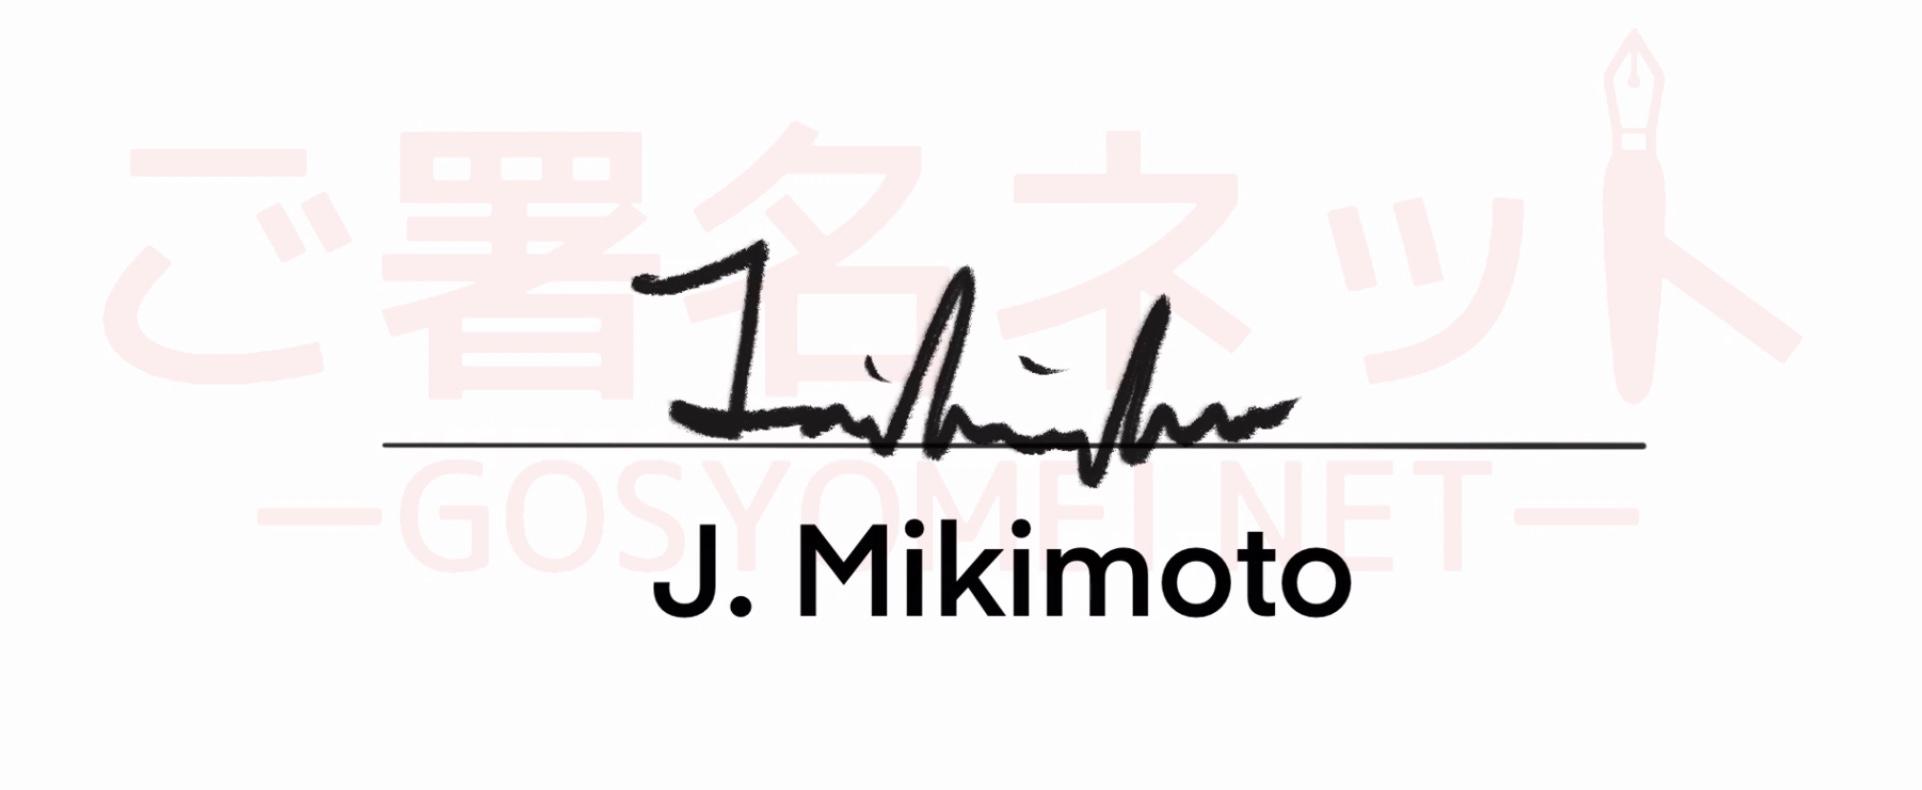 シンプルでおしゃれなサイン